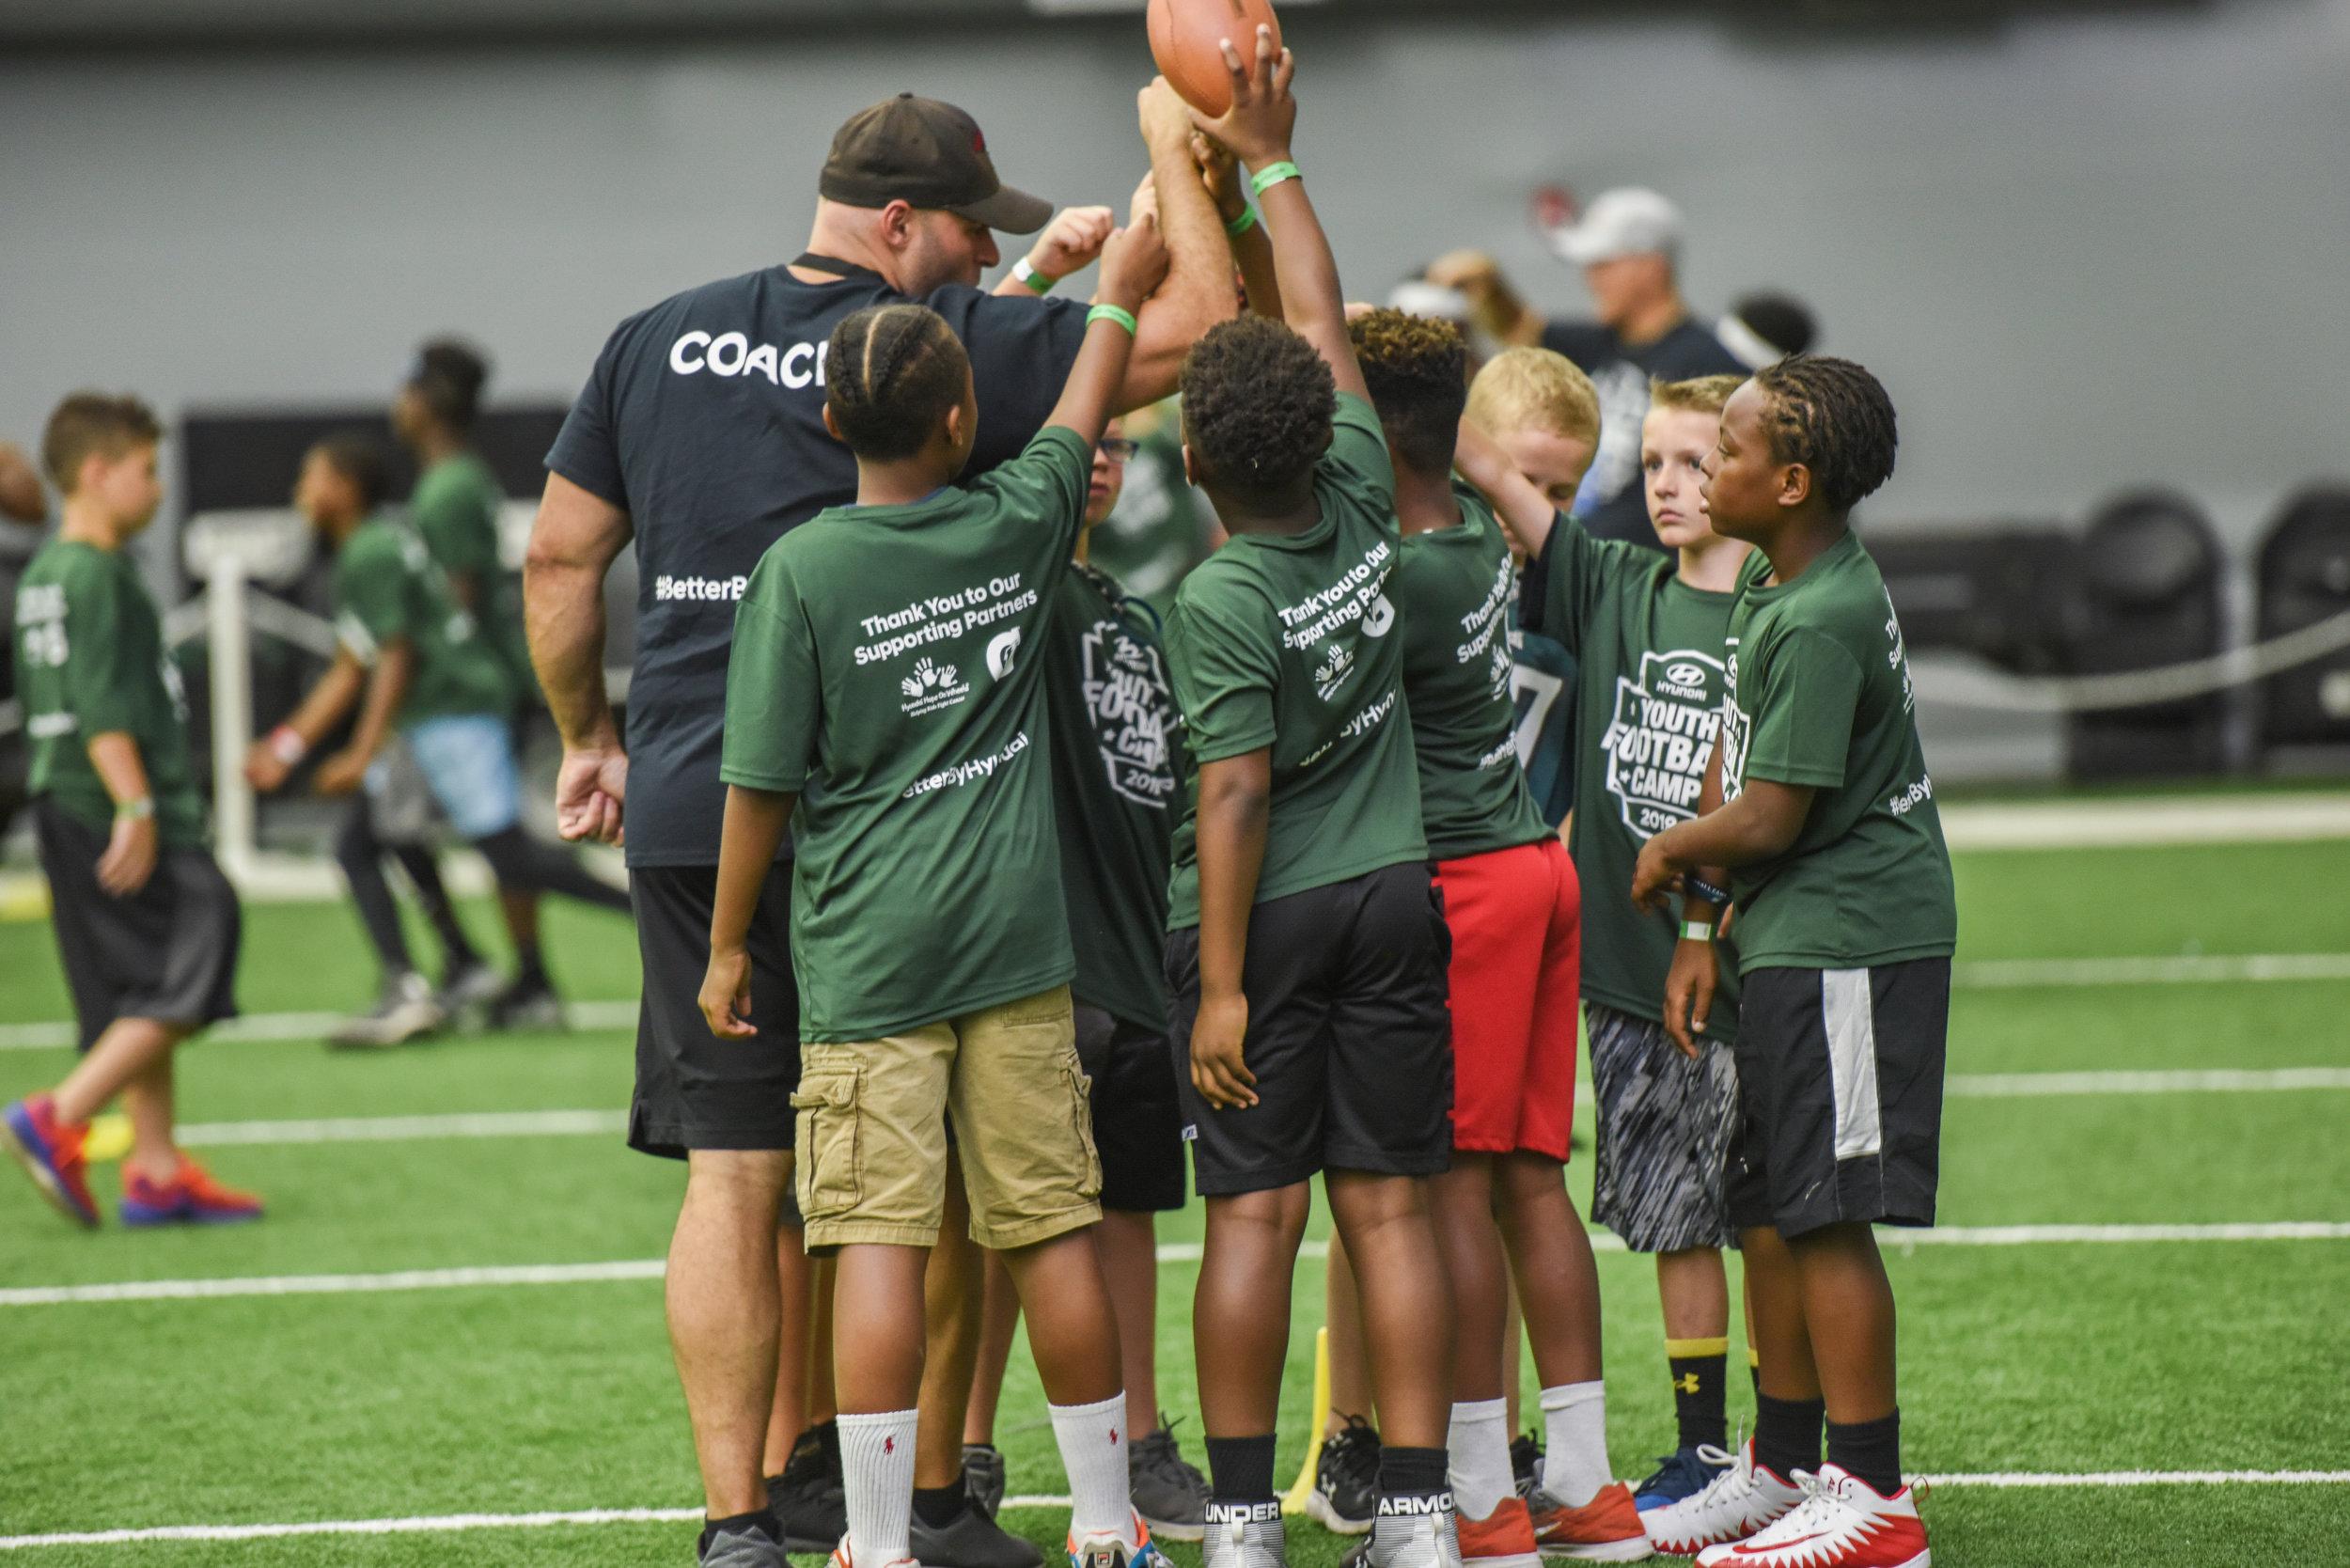 OHelloMedia-Hyundai-YouthFootballCamps-Philadelphia-TopSelect-129.jpg